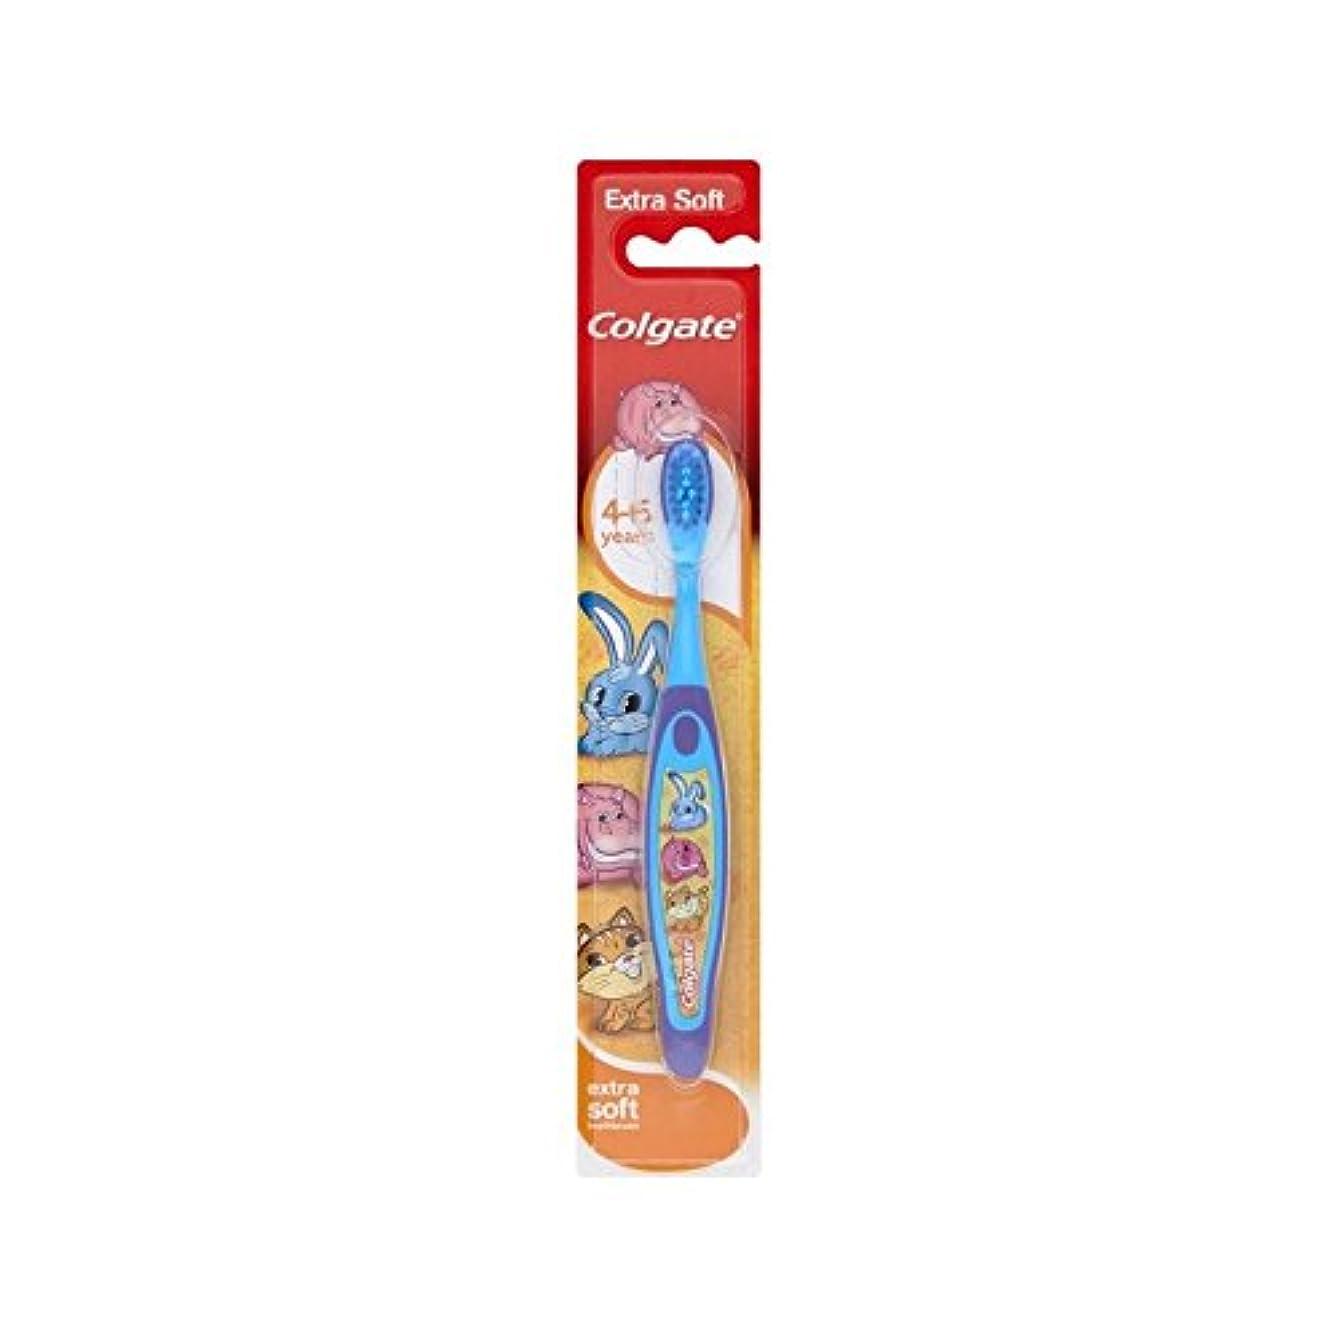 ハプニング硬い取り壊す4-6歳の歯ブラシを笑顔 (Colgate) (x 2) - Colgate Smiles 4-6 Years Old Toothbrush (Pack of 2) [並行輸入品]